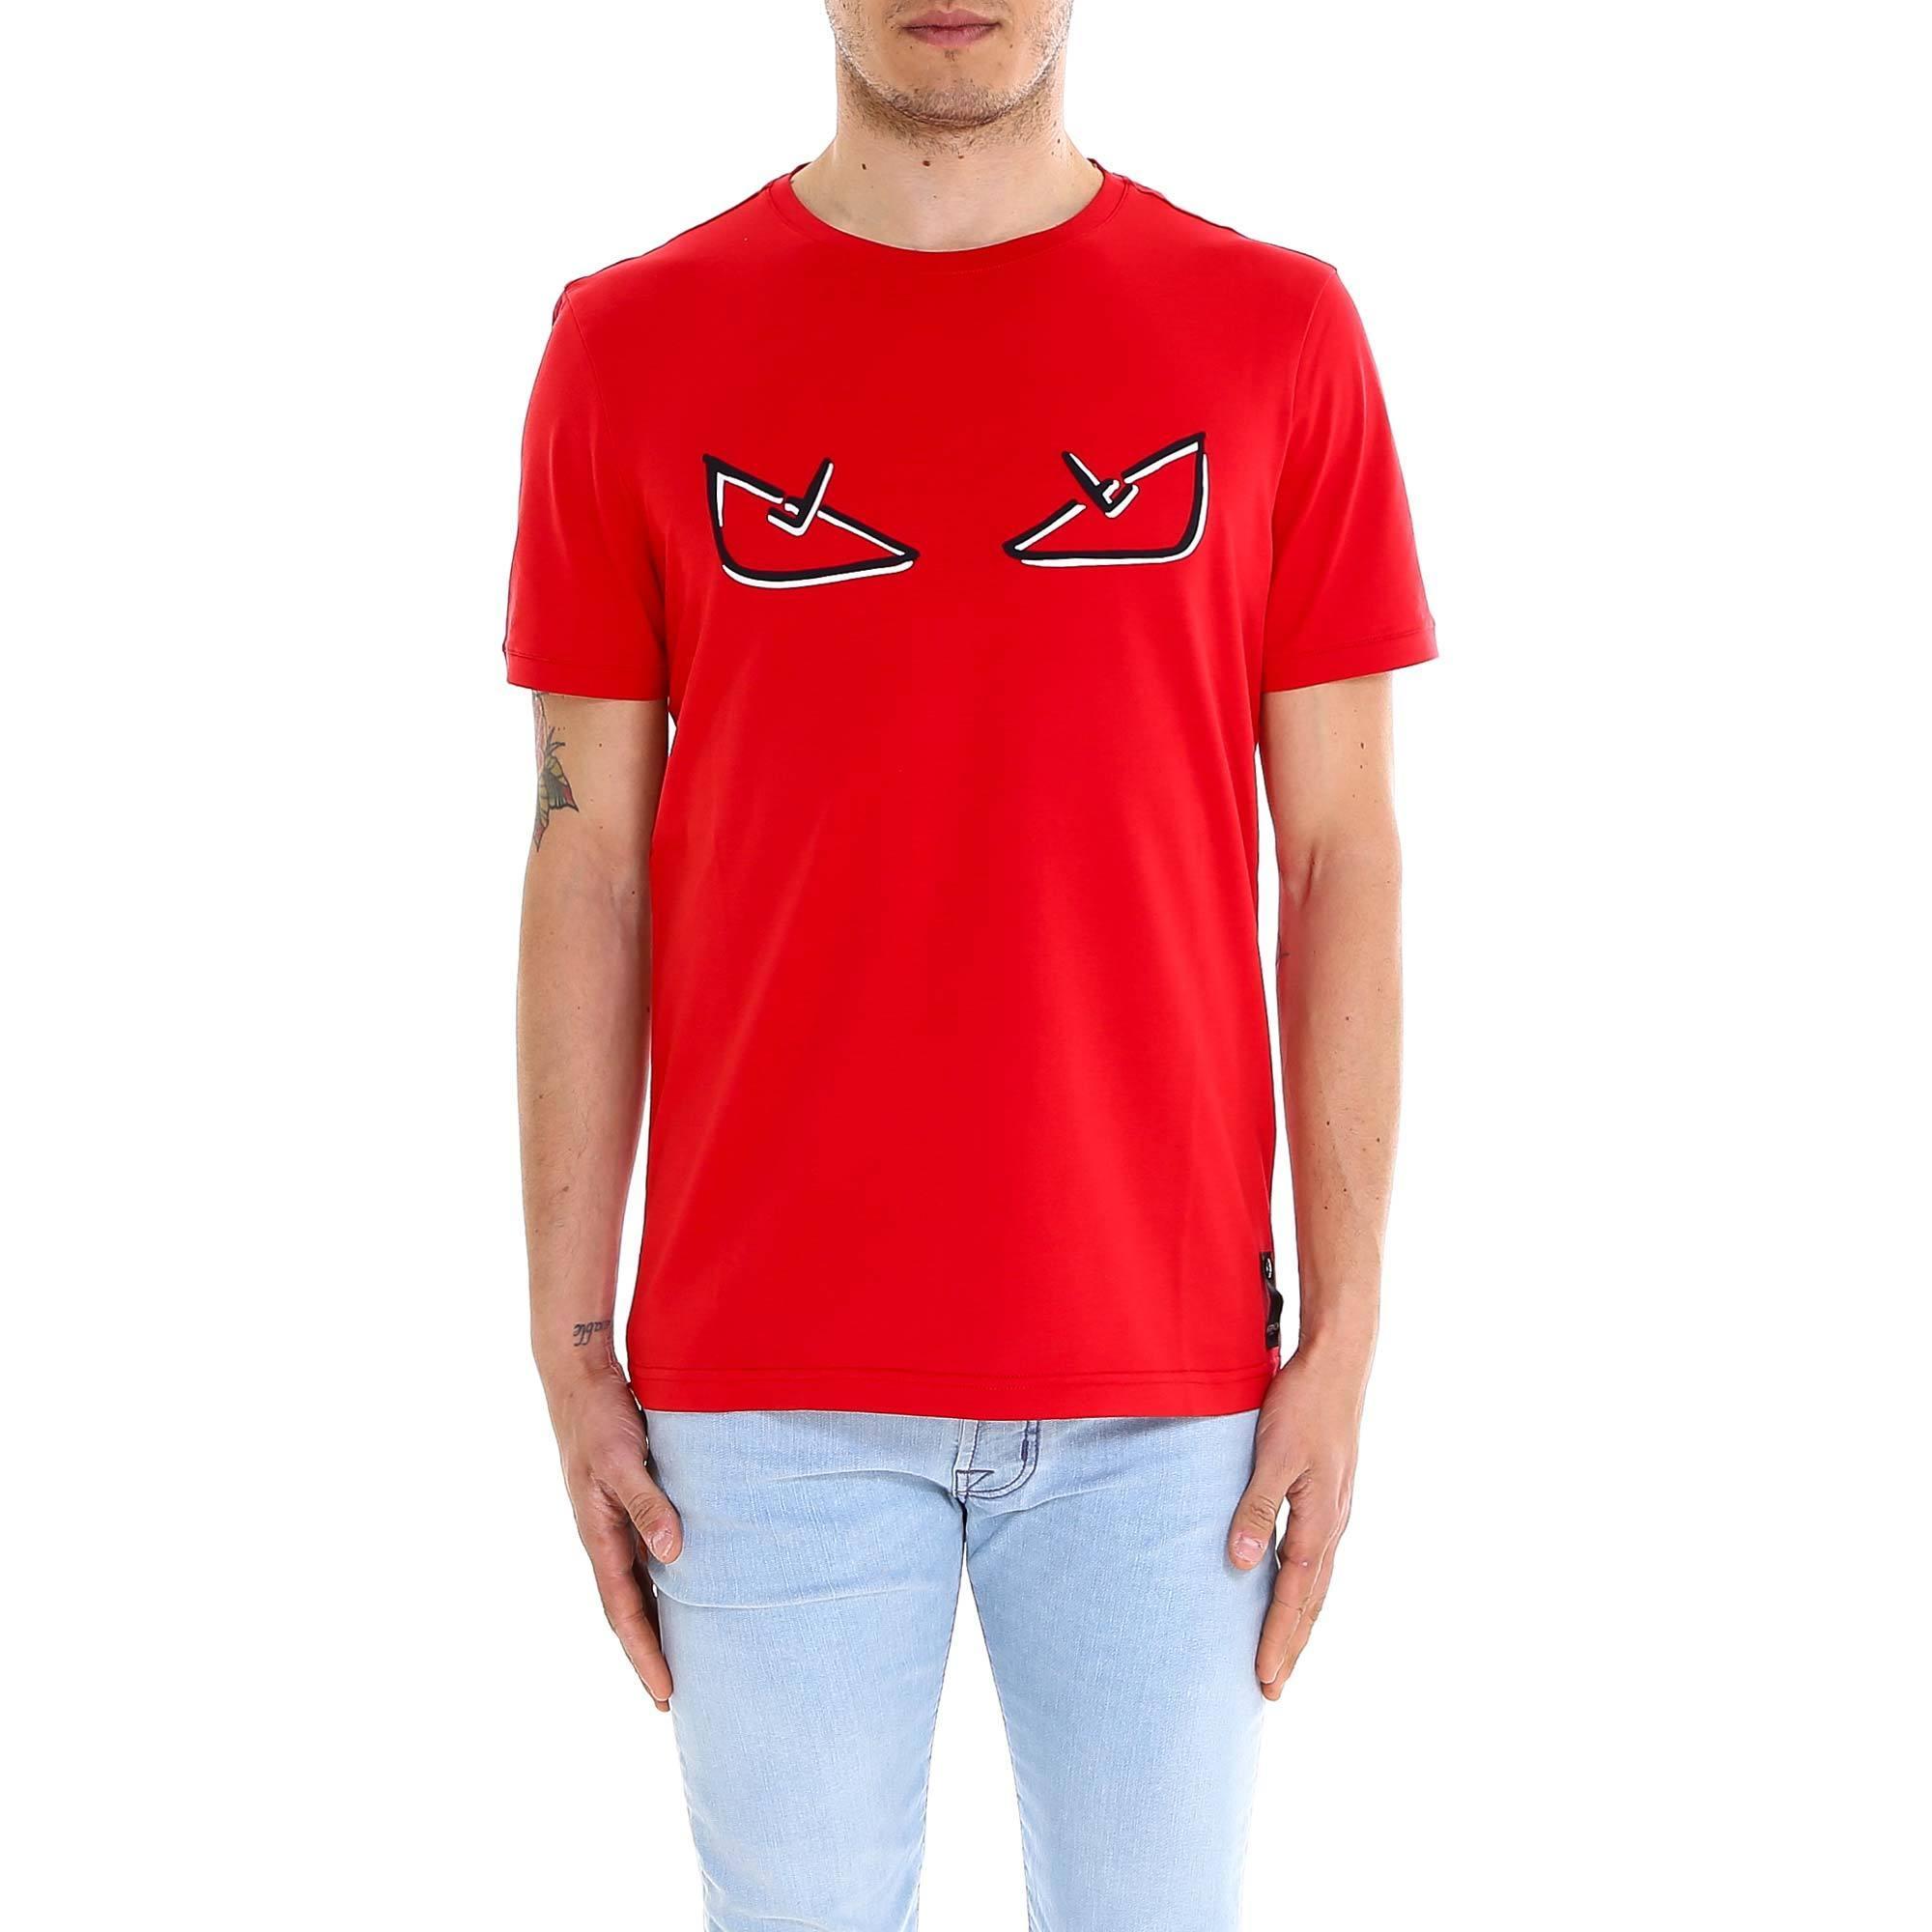 c7e1627b8 Fendi Bag Bugs T-shirt in Red for Men - Lyst